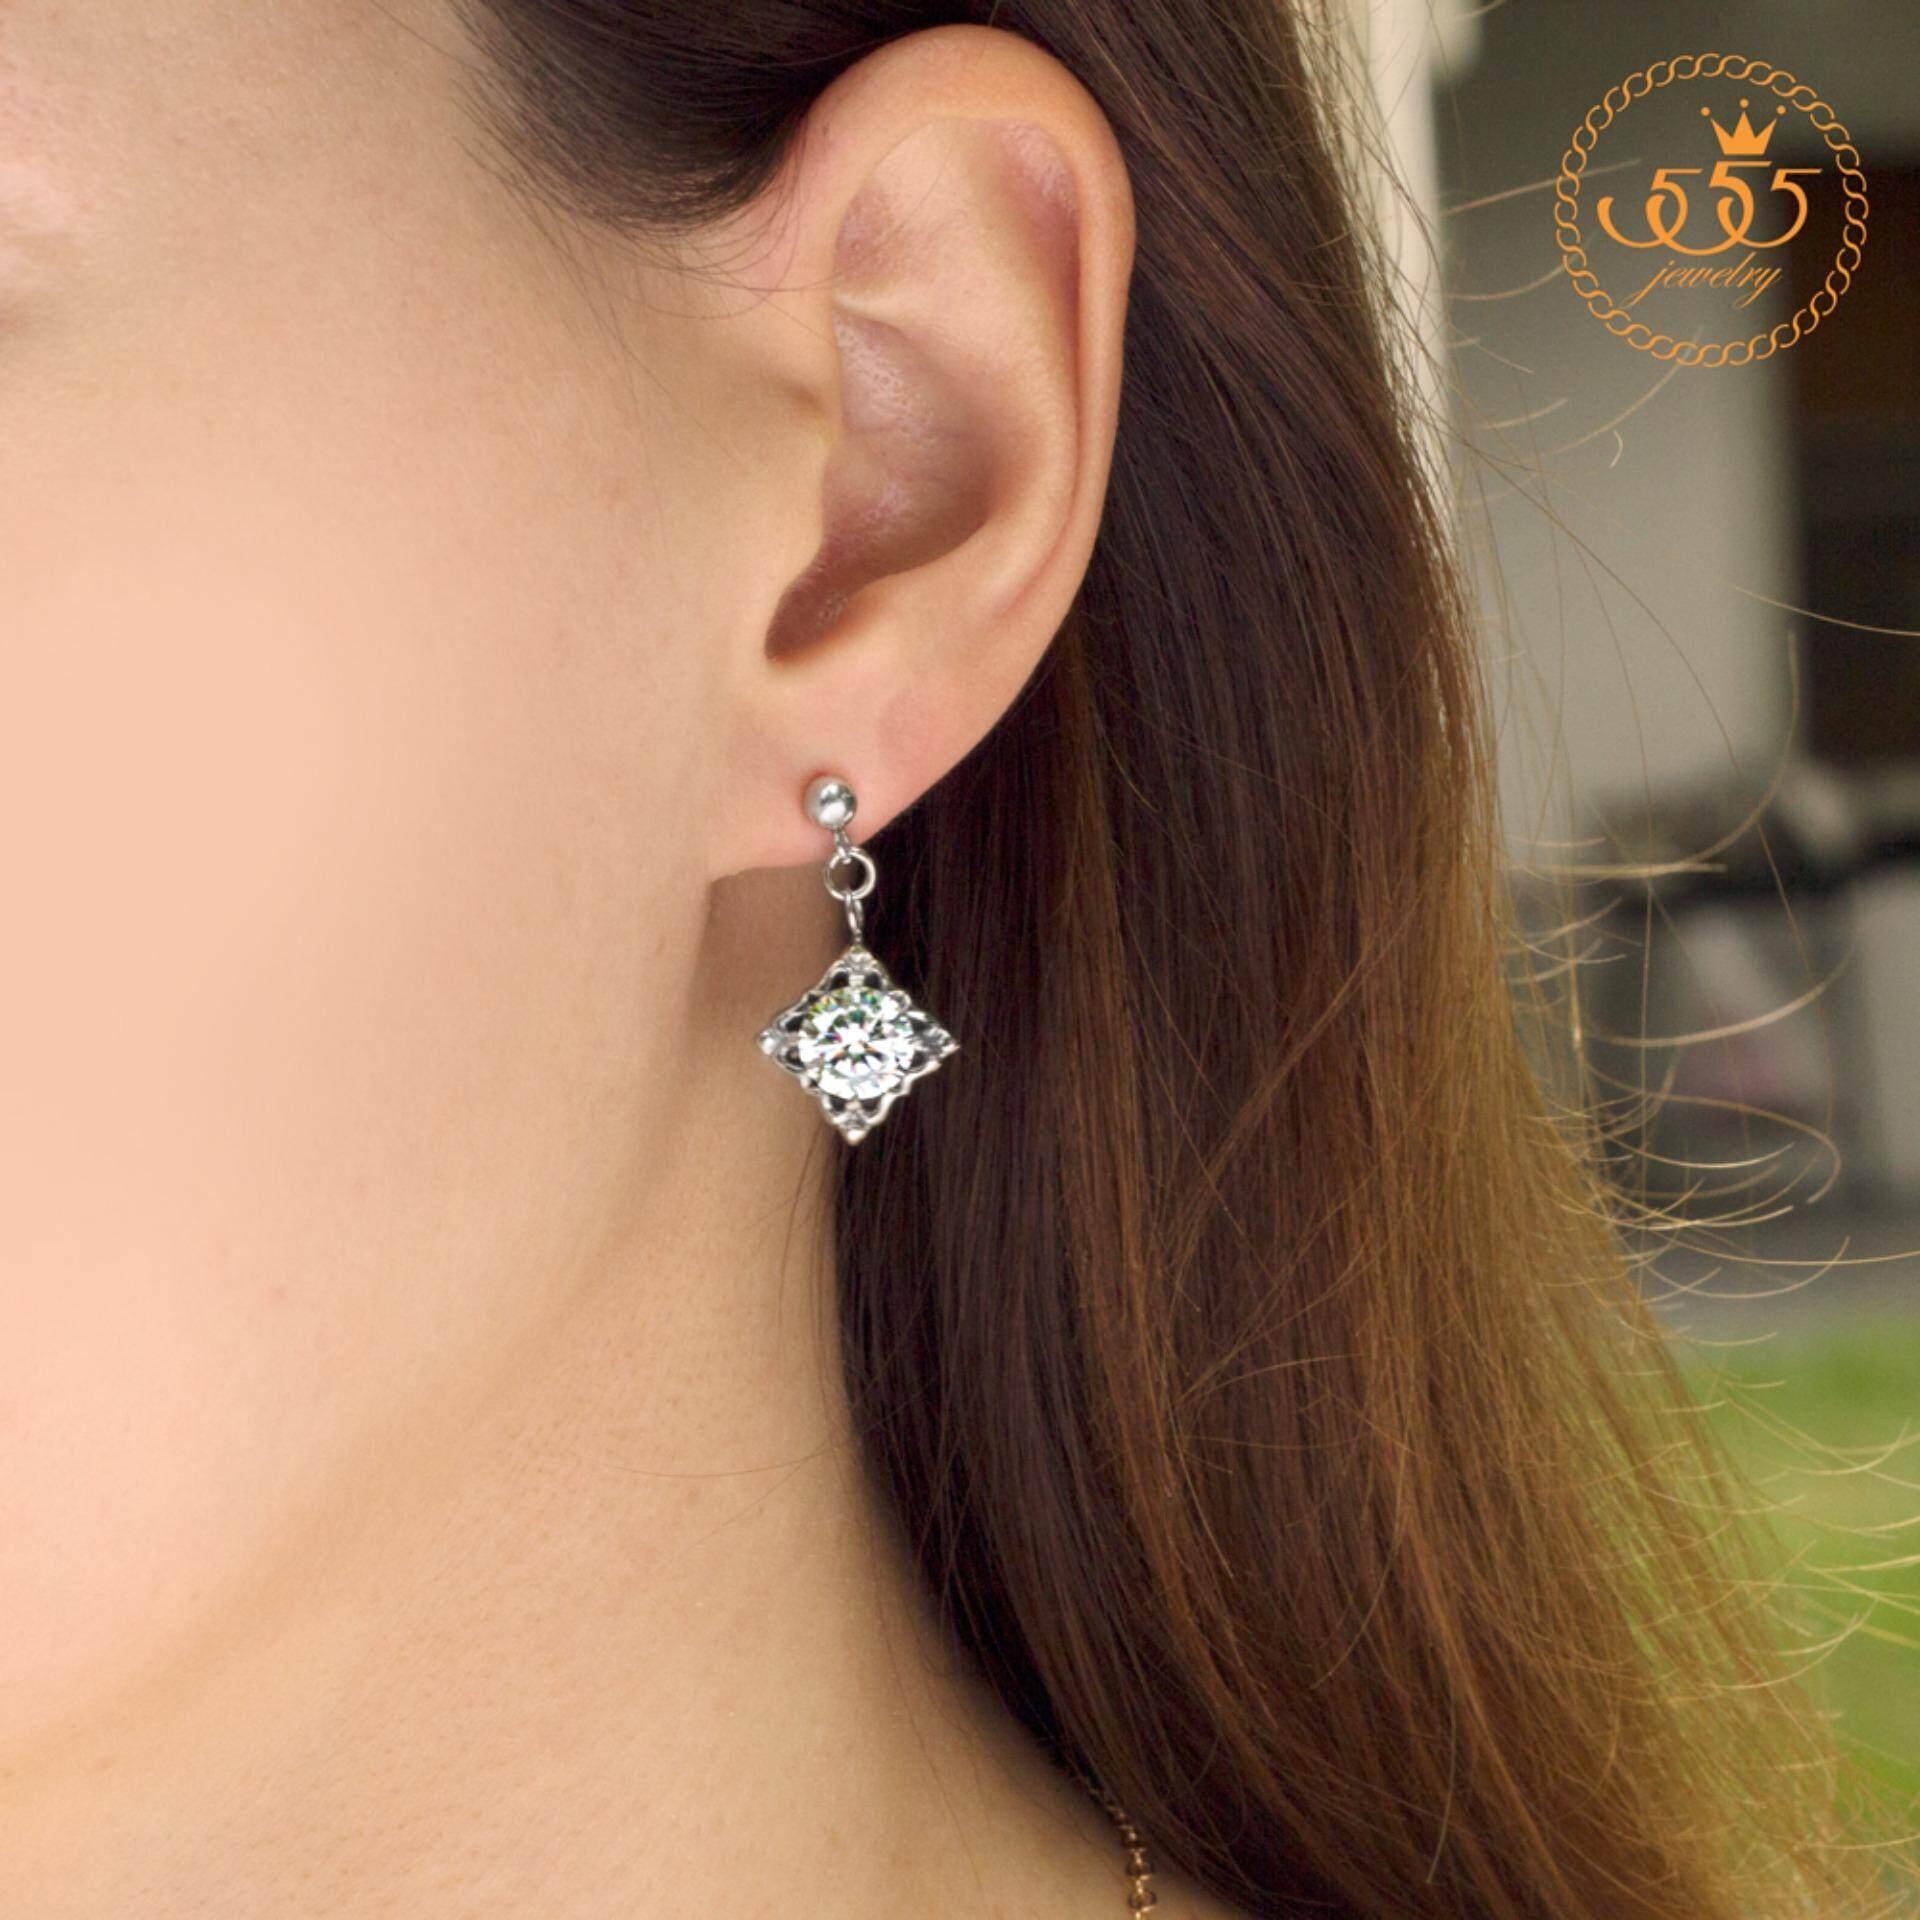 ส่วนลด 555Jewelry ต่างหูแบบก้านเสียบ ประดับด้วย Cz สีขาว รุ่น Ssch 035E สี Steel ต่างหู ต่างหูแฟชั่น ต่างหูหนีบ ต่างหูทอง ต่างหูเงิน ต่างหูผู้หญิง ไทย